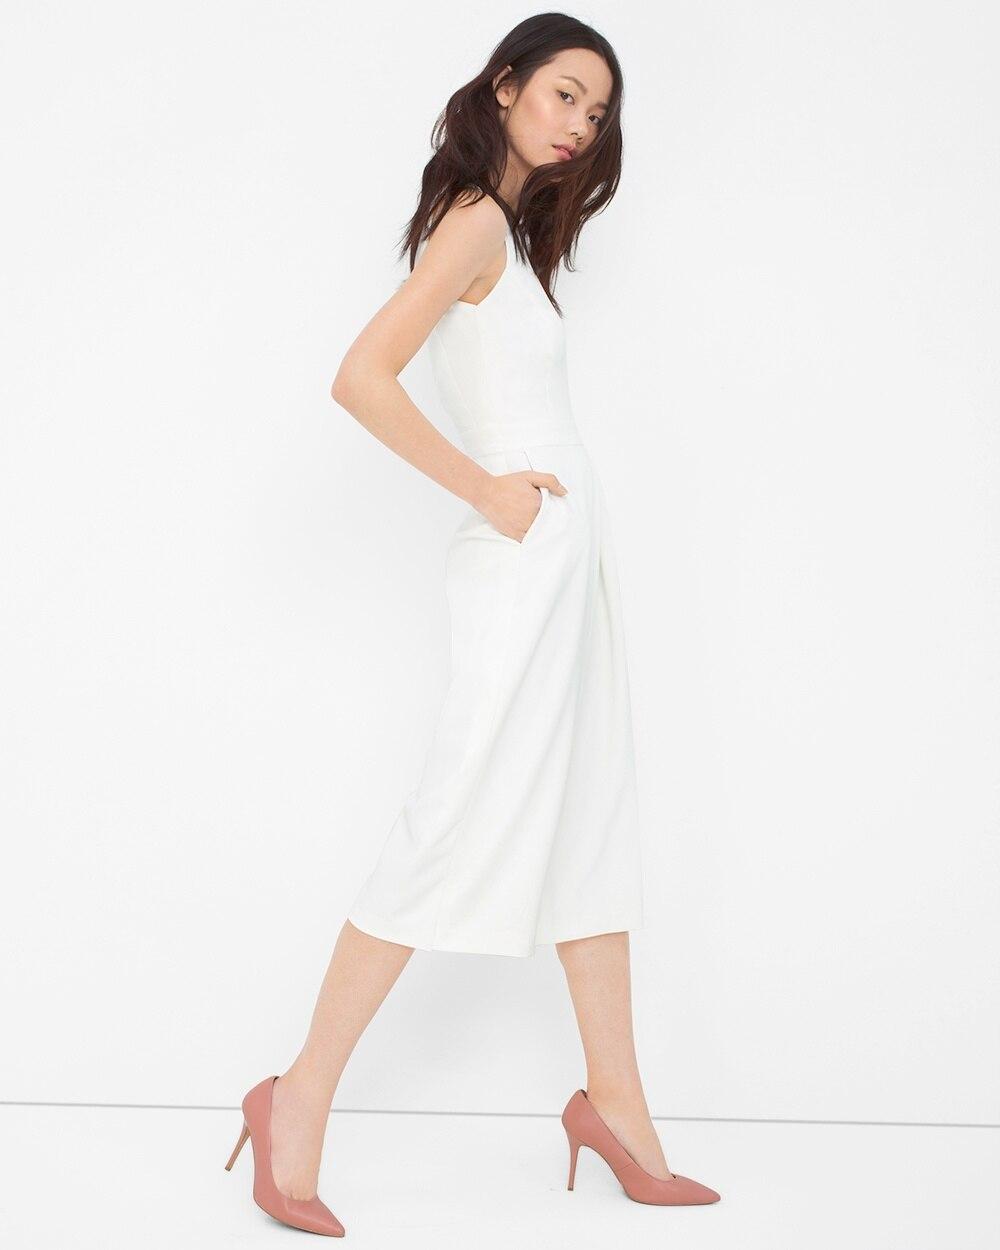 Culotte Jumpsuit - White House Black Market